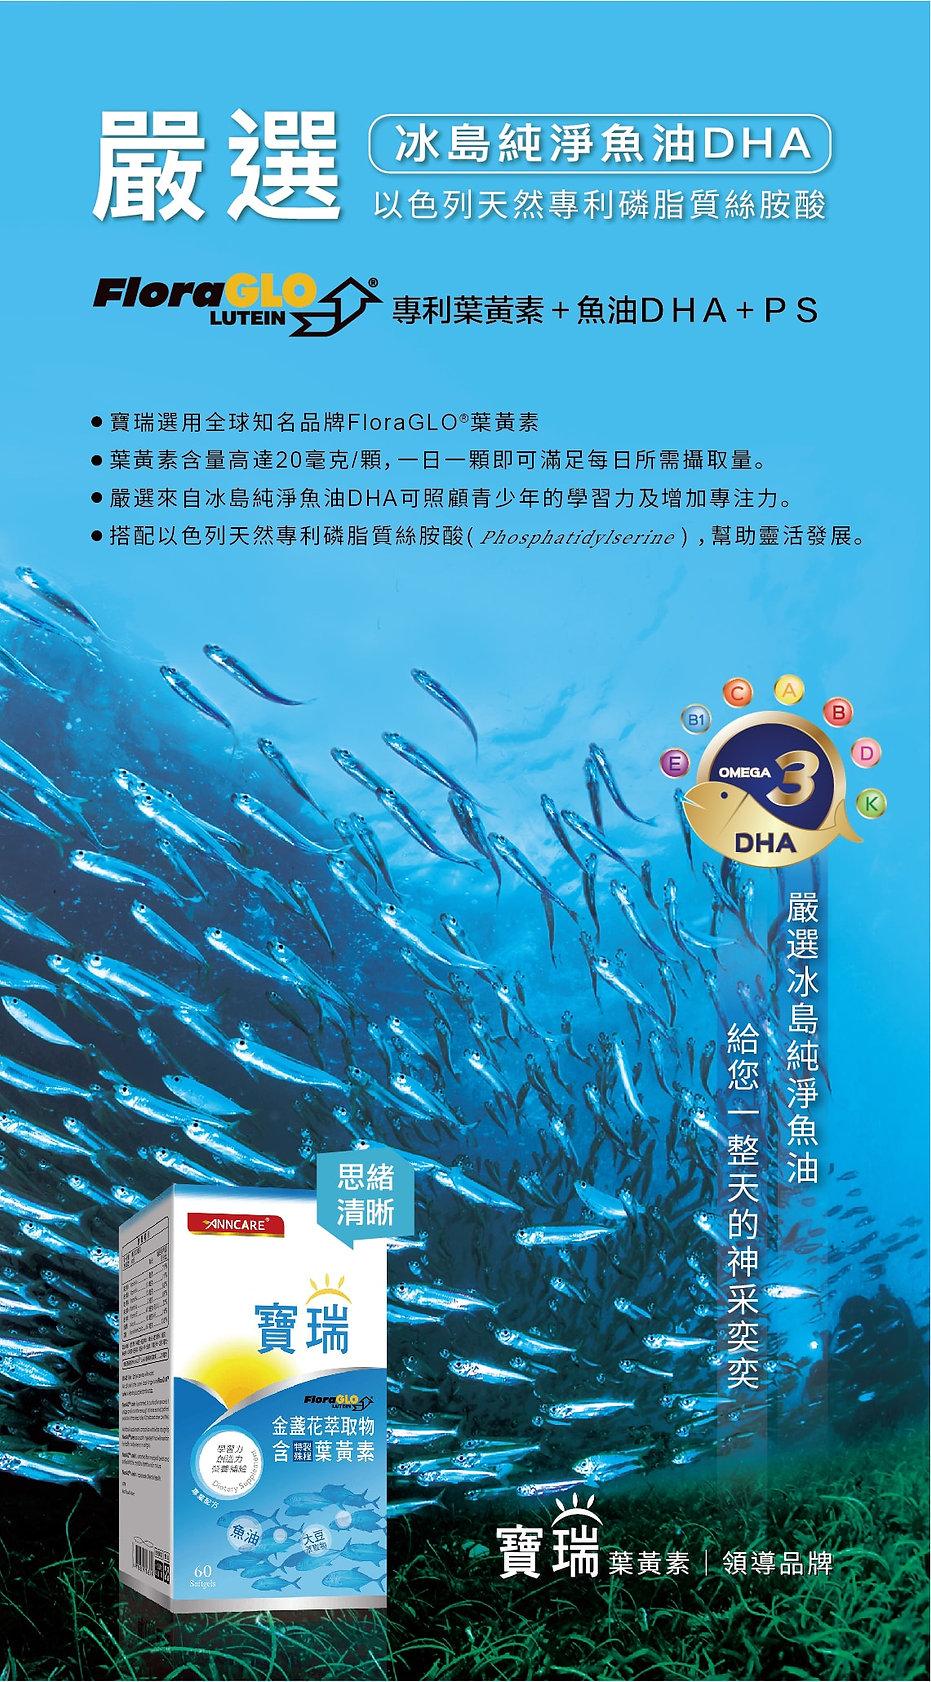 DHA_DHA產品視覺 2.jpg